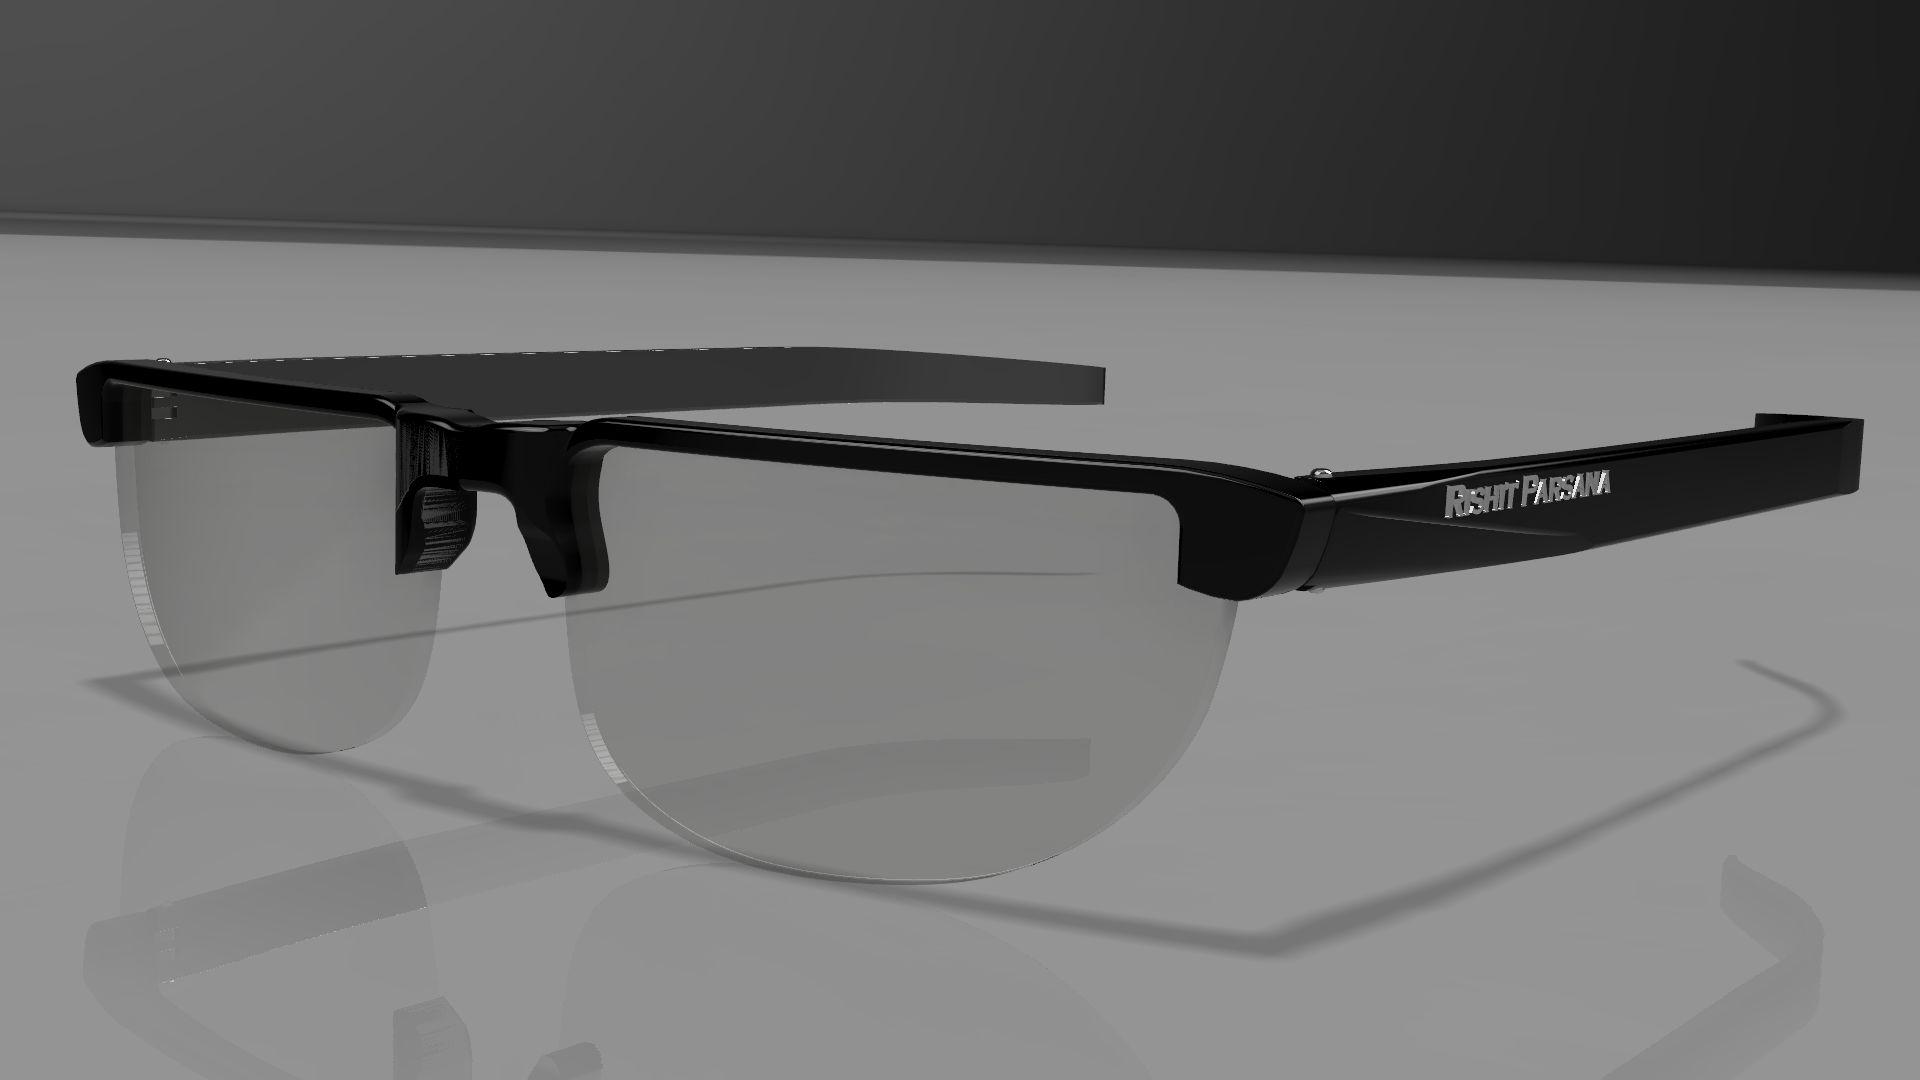 Spectacles-v0-v2-v41-3500-3500